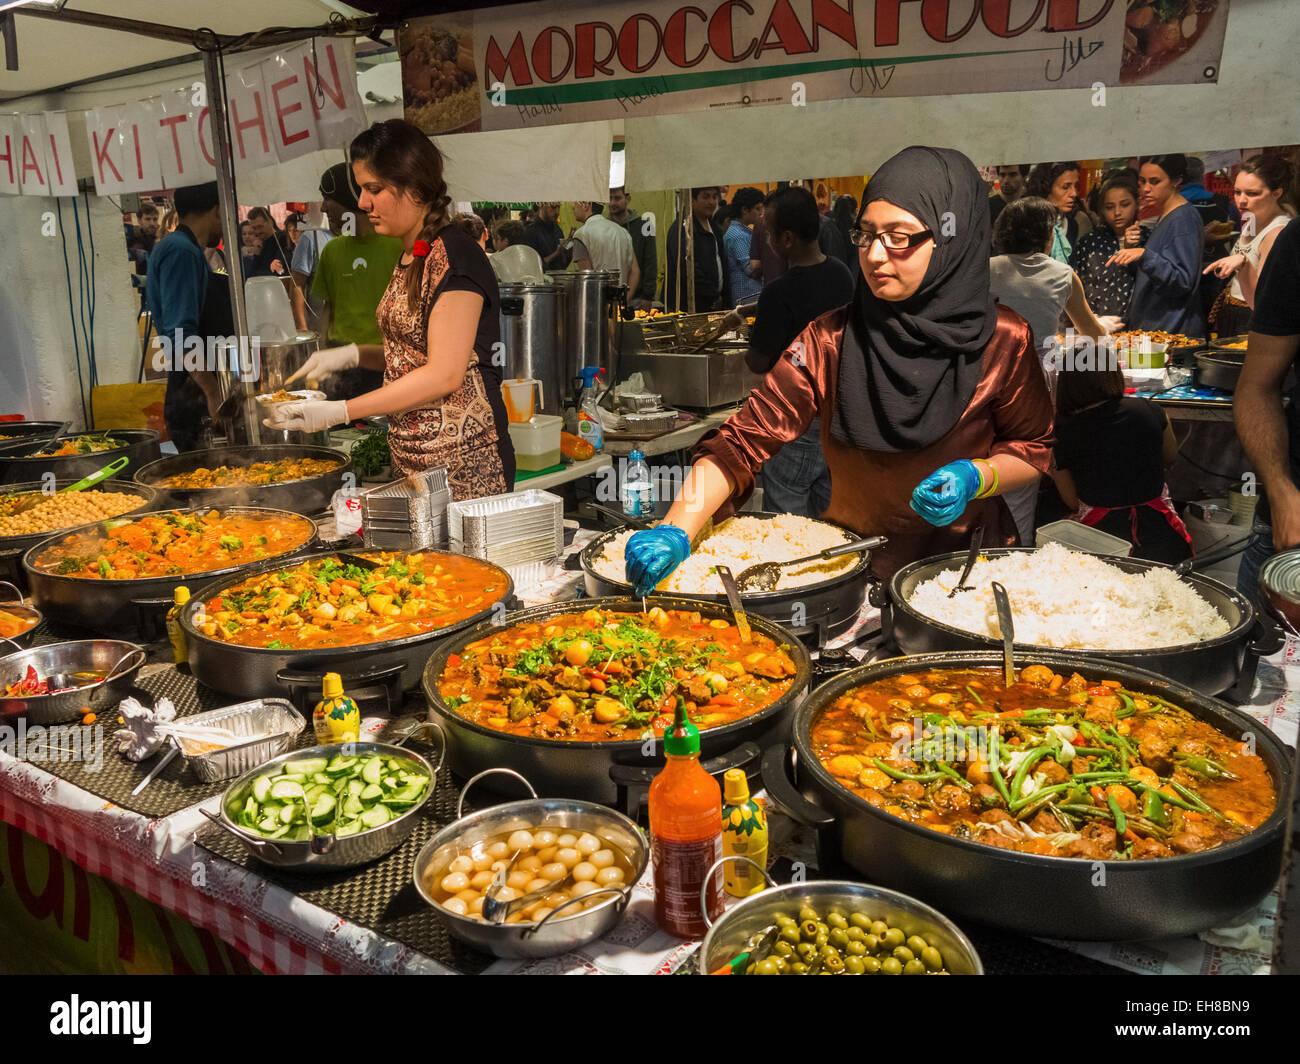 Moroccan Food Vegetarian London